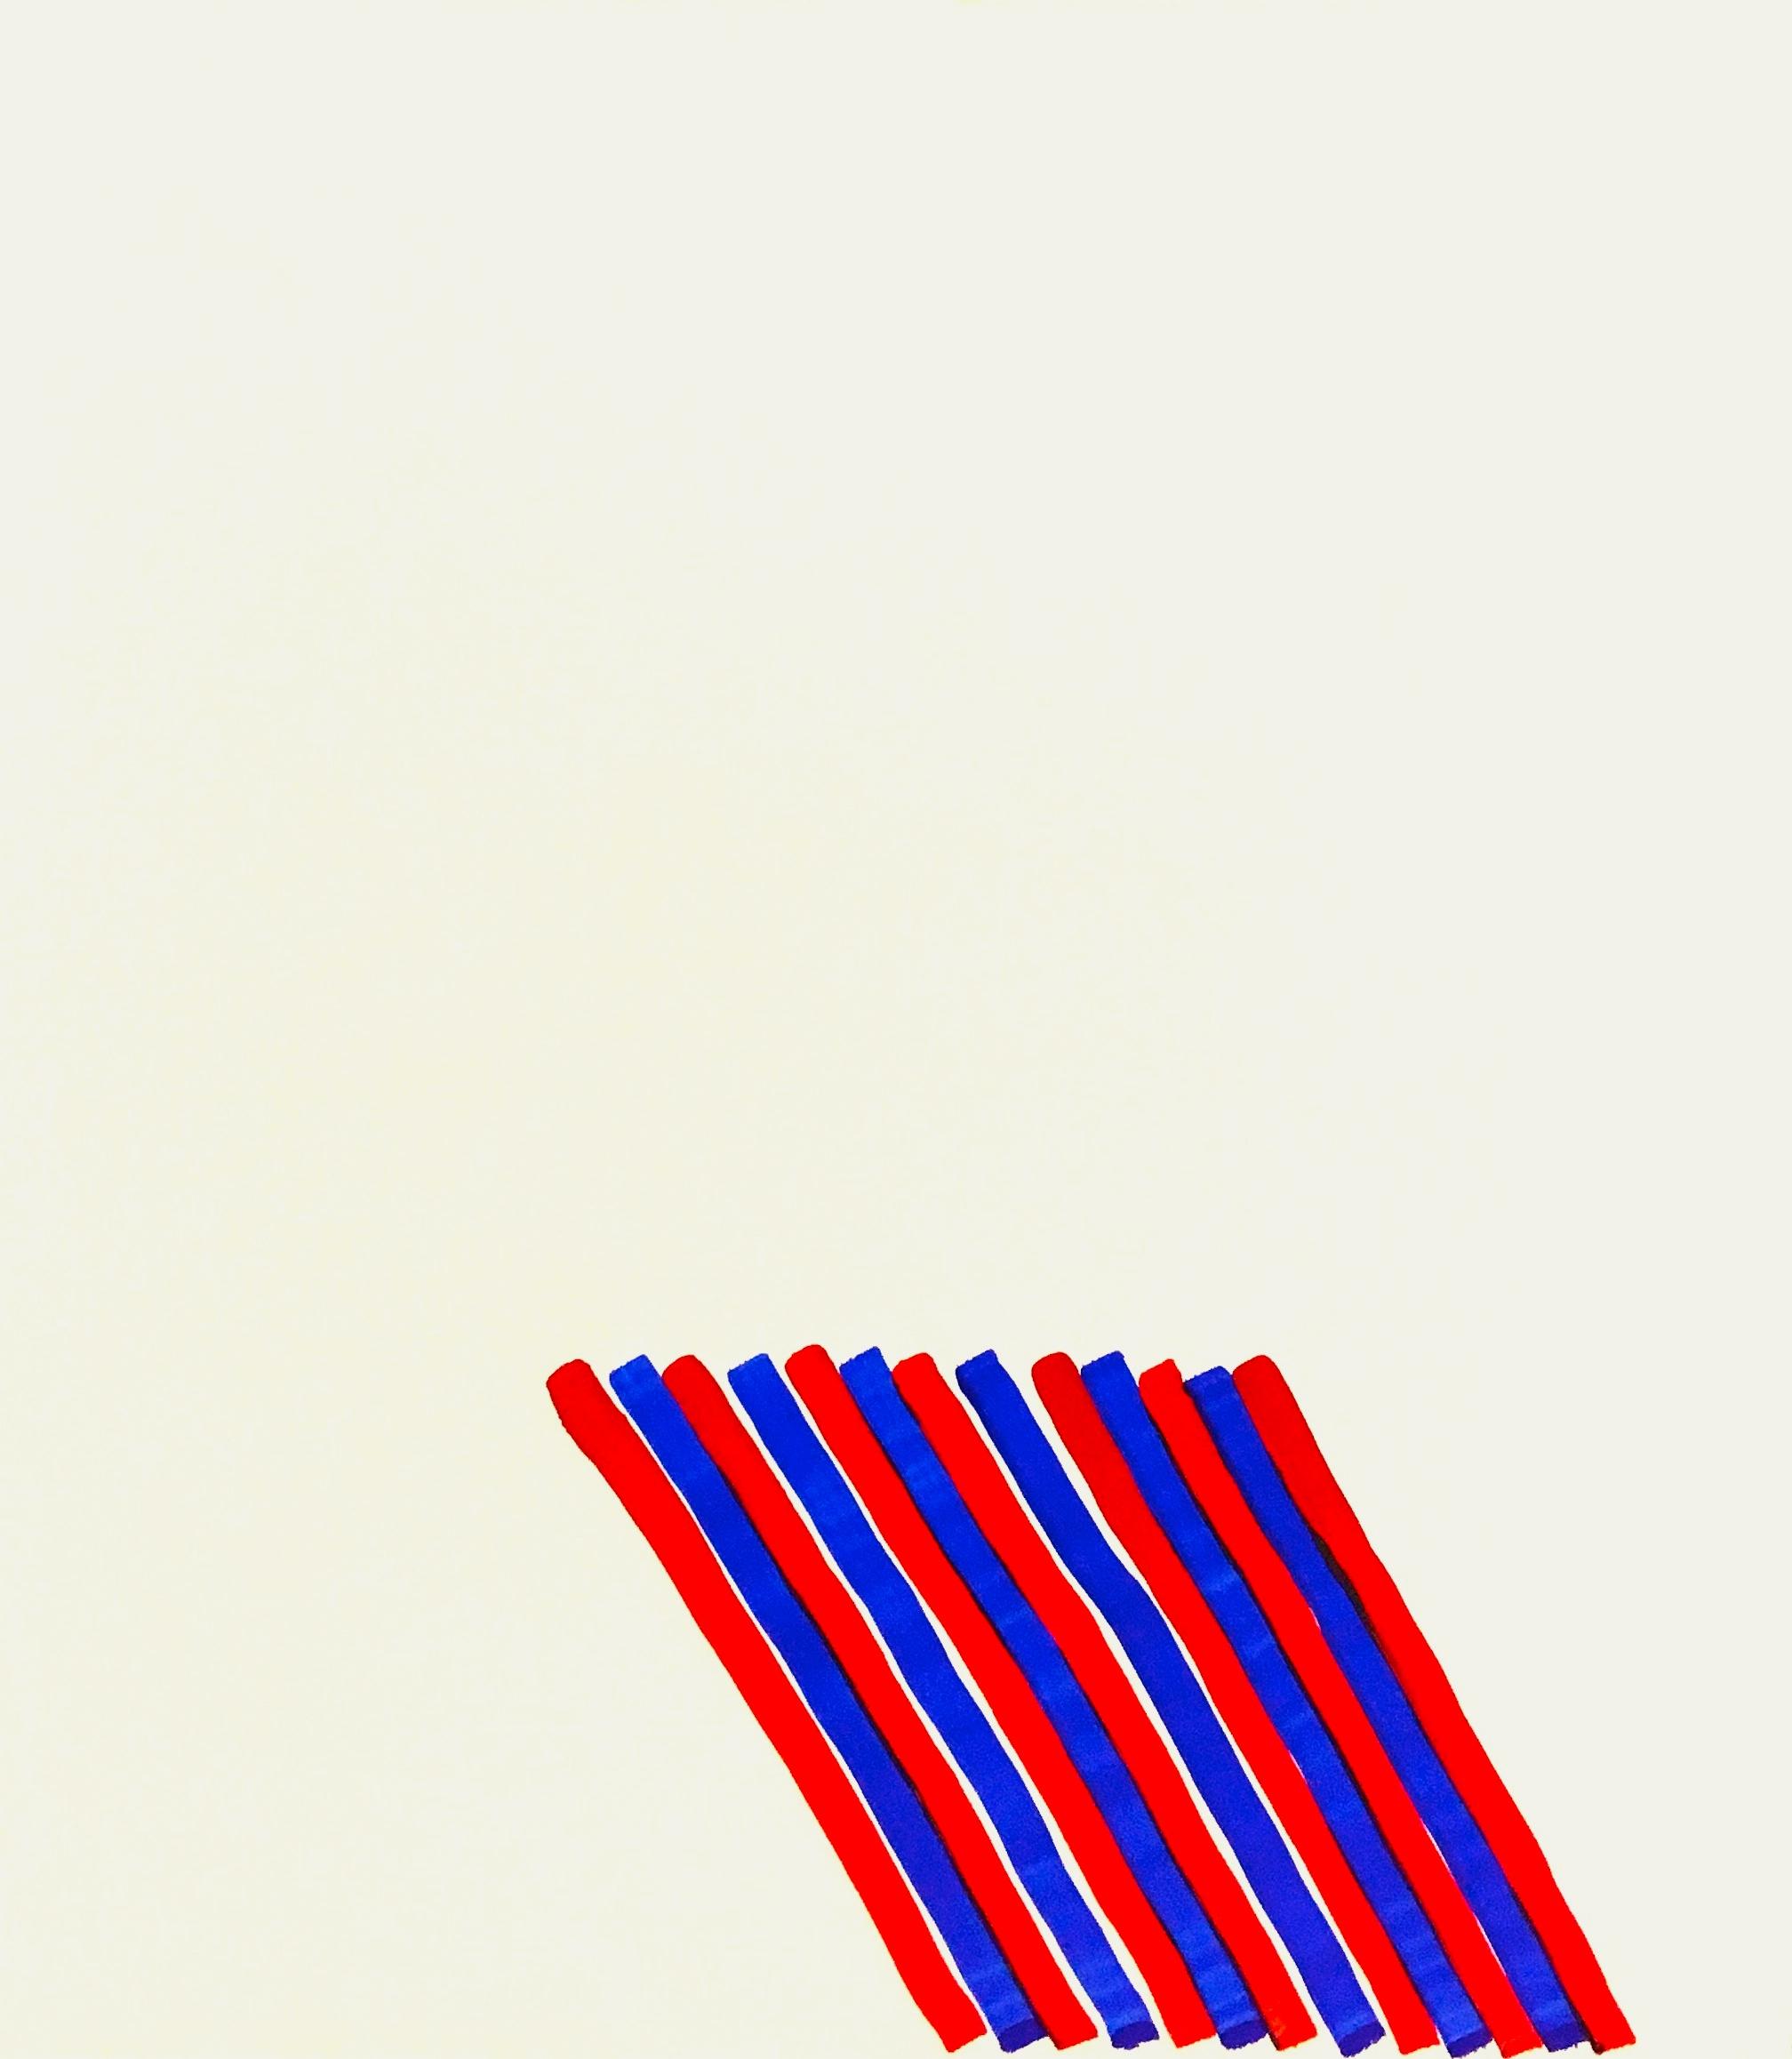 Schar RB Oleksiy Koval, 2018 40 x 30 cm, marker on FPY